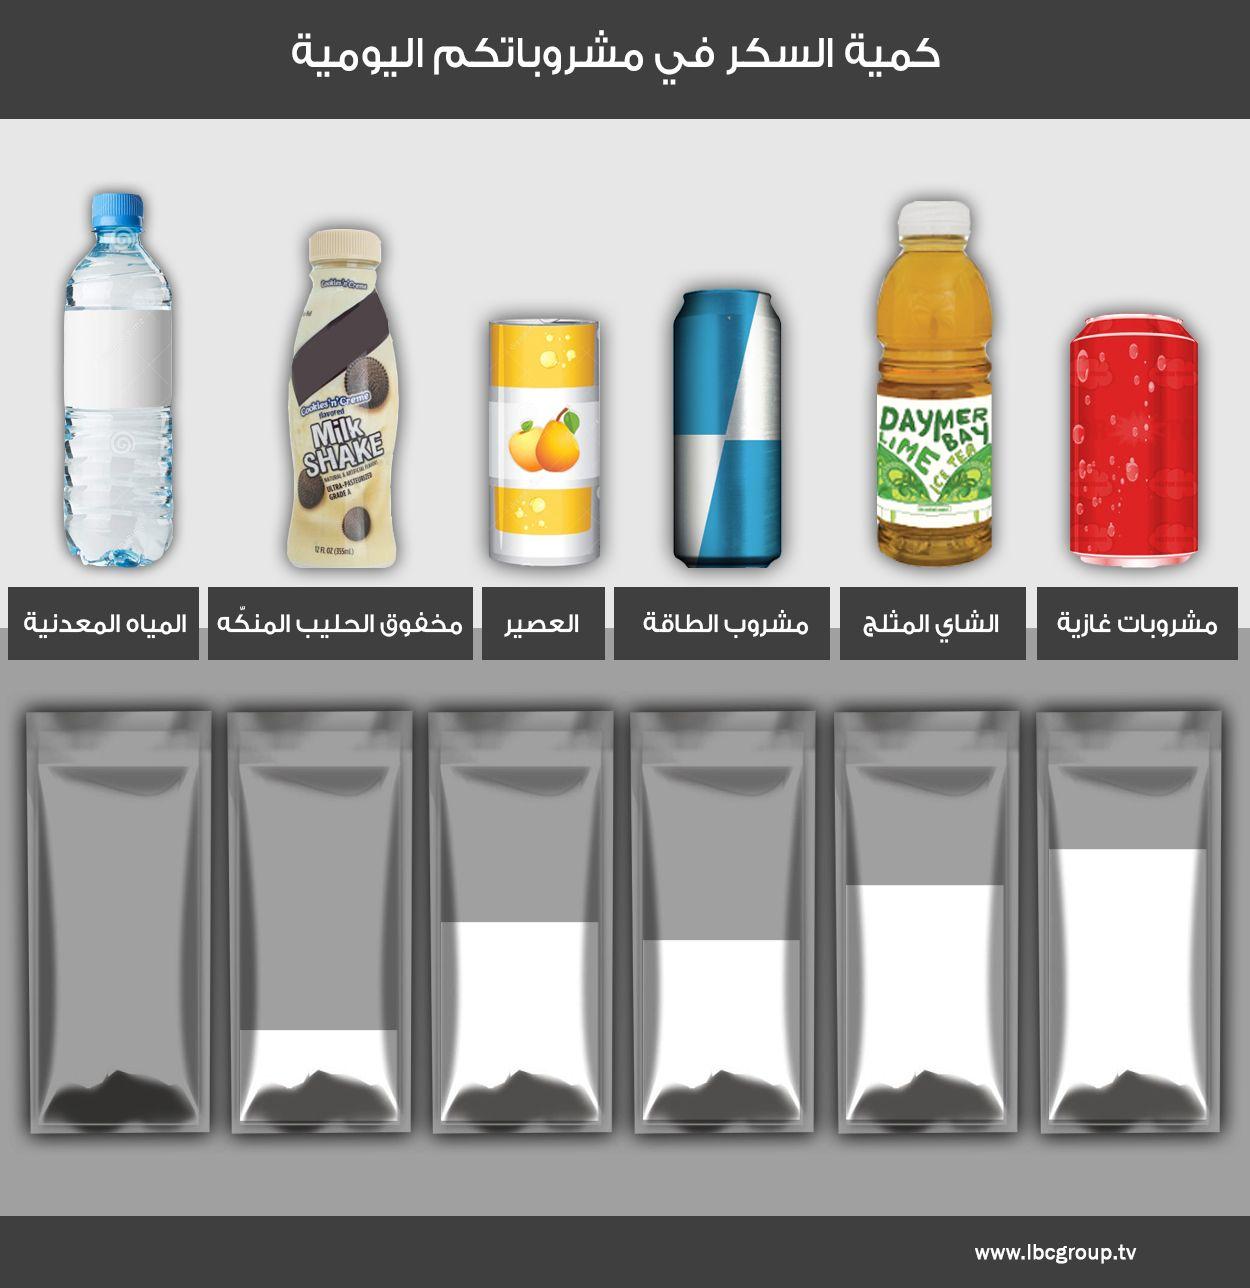 بالصورة أكياس من السكر تتناولونها يومي ا من دون أن تدروا Drinks Health Fitness Shakes